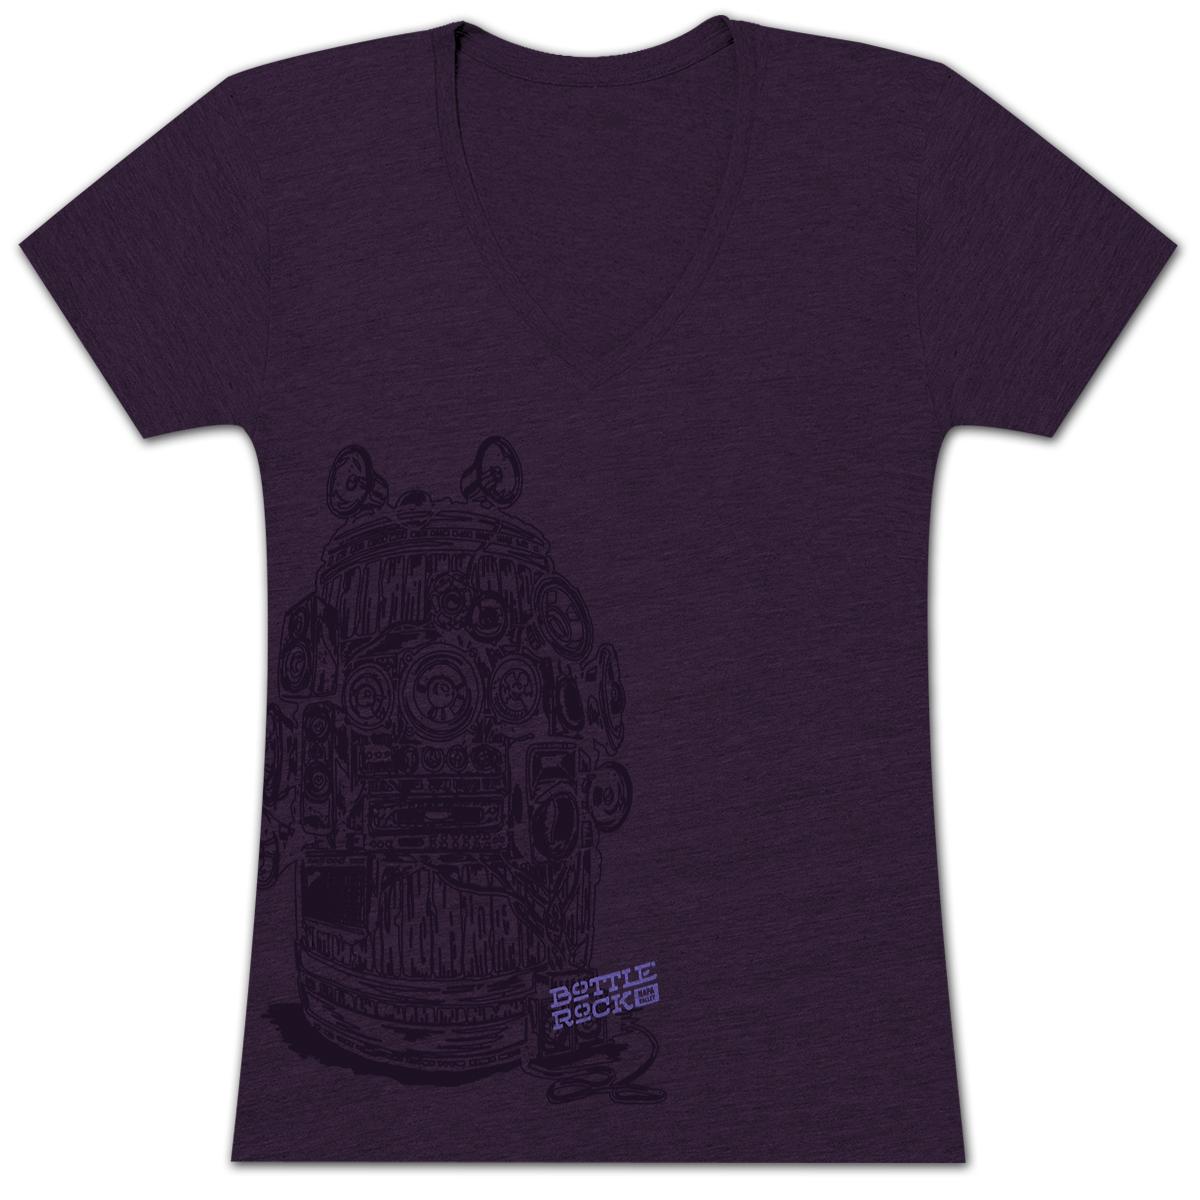 Bottle Rock Women's Premium V-Neck Amethist – T-Shirt